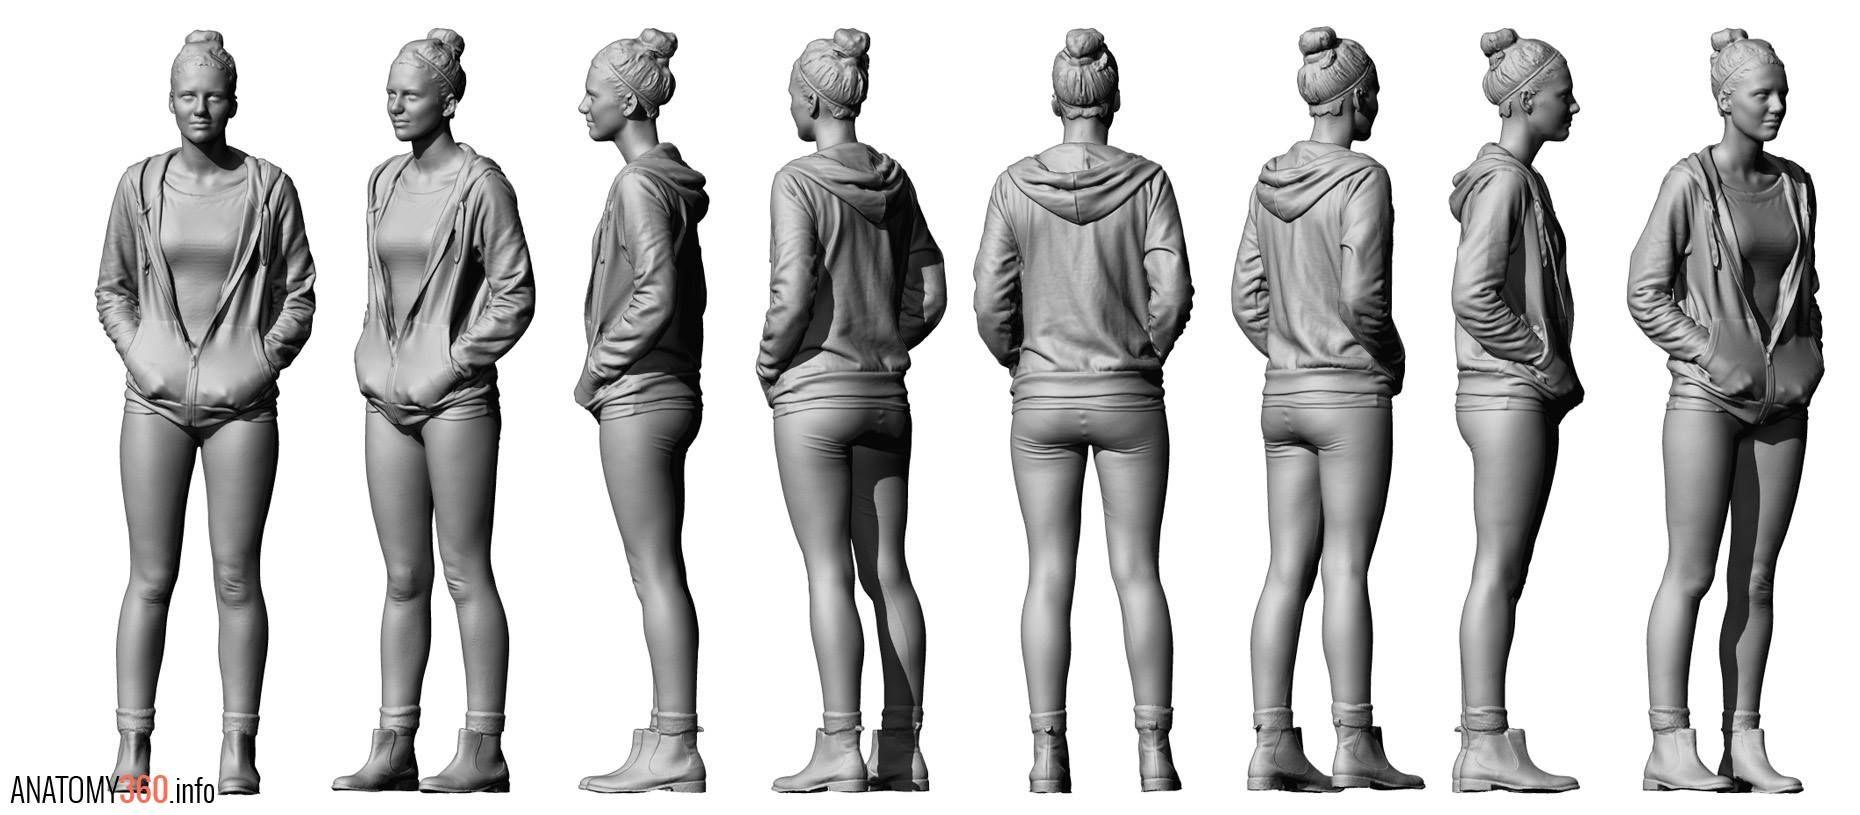 113 besten Art | 3D Model Anatomy360.info Bilder auf Pinterest ...